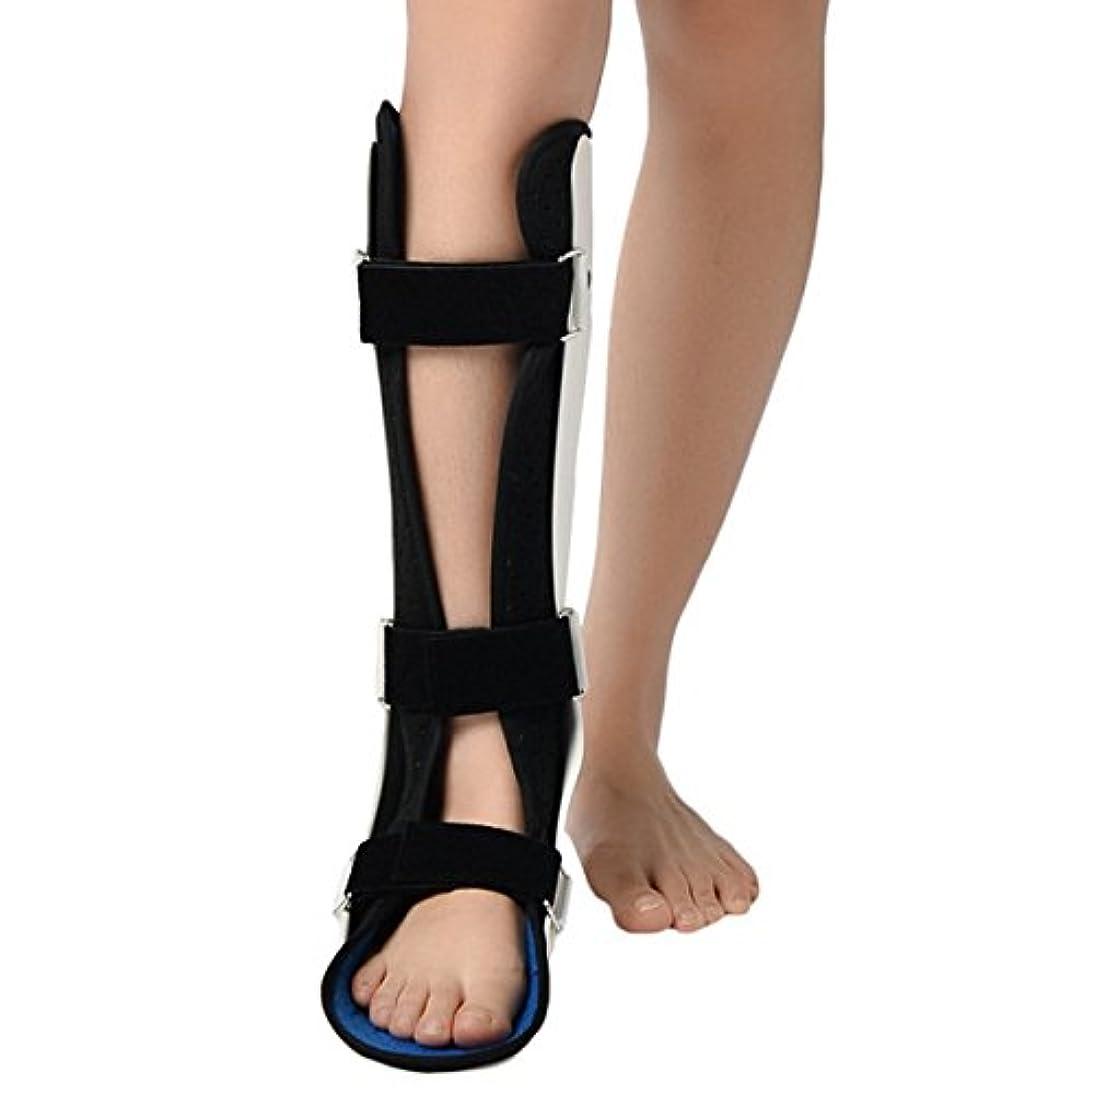 スタイル遺伝子中断アンクル骨折リハビリテーション看護ケア固定足アンクルブーツアンクルブレースサポート足の捻挫足首サポートブレース